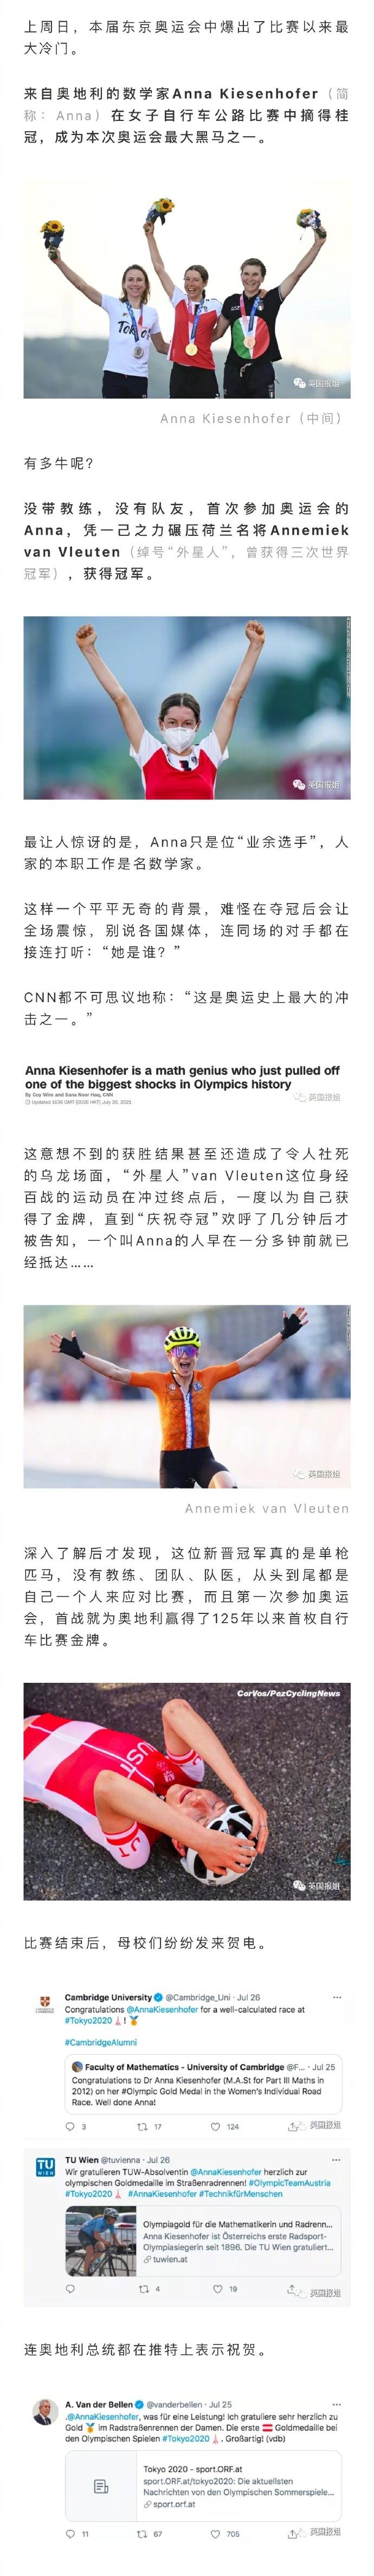 那个勇夺本届奥运会公路自行车比赛金牌的奥地利数学家